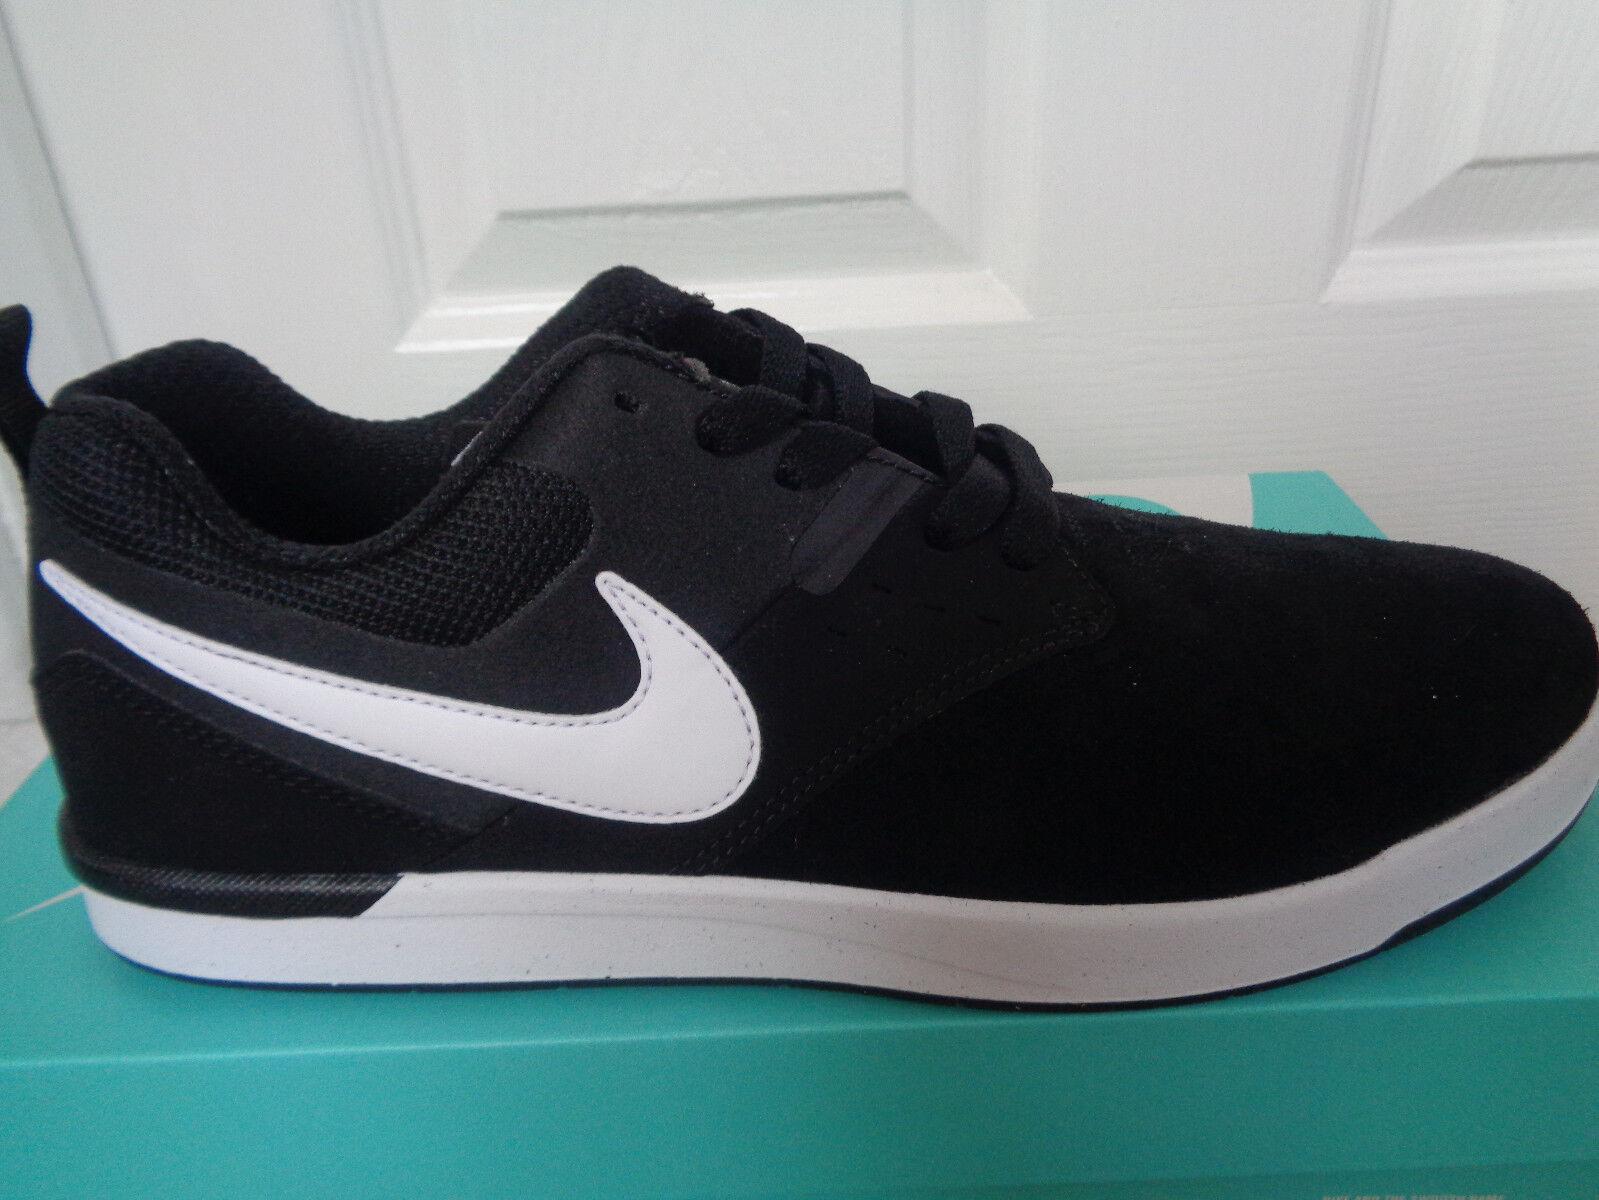 Nike Zoom SB Ejecta Zapatillas zapatillas 749752 002 UK 8.5 EU 43 nos 9.5 Nuevo + Caja